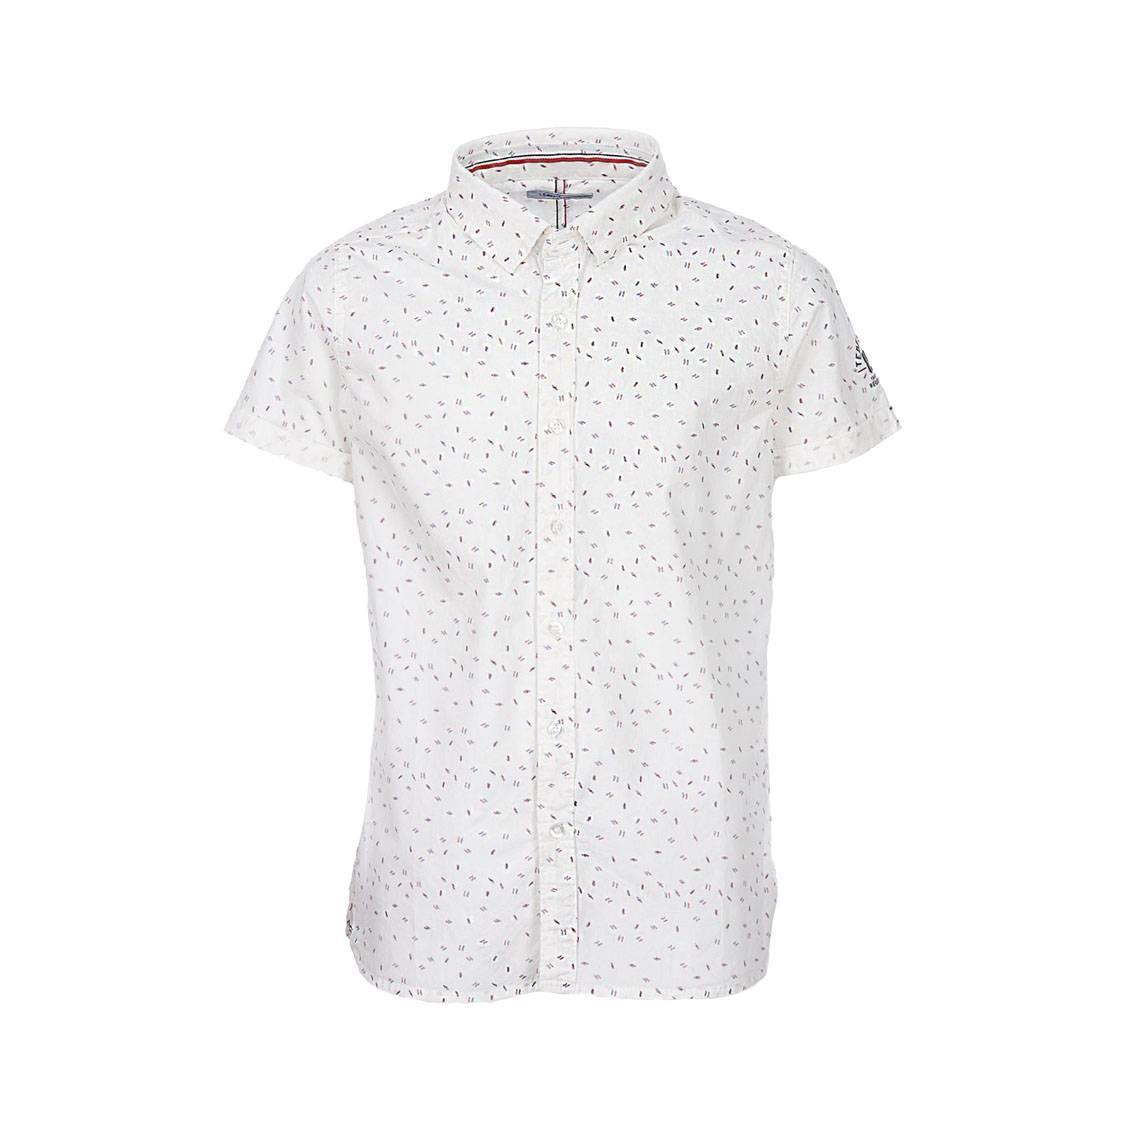 Chemise manches courtes  ckent en coton blanc à motifs rouges et bleu indigo